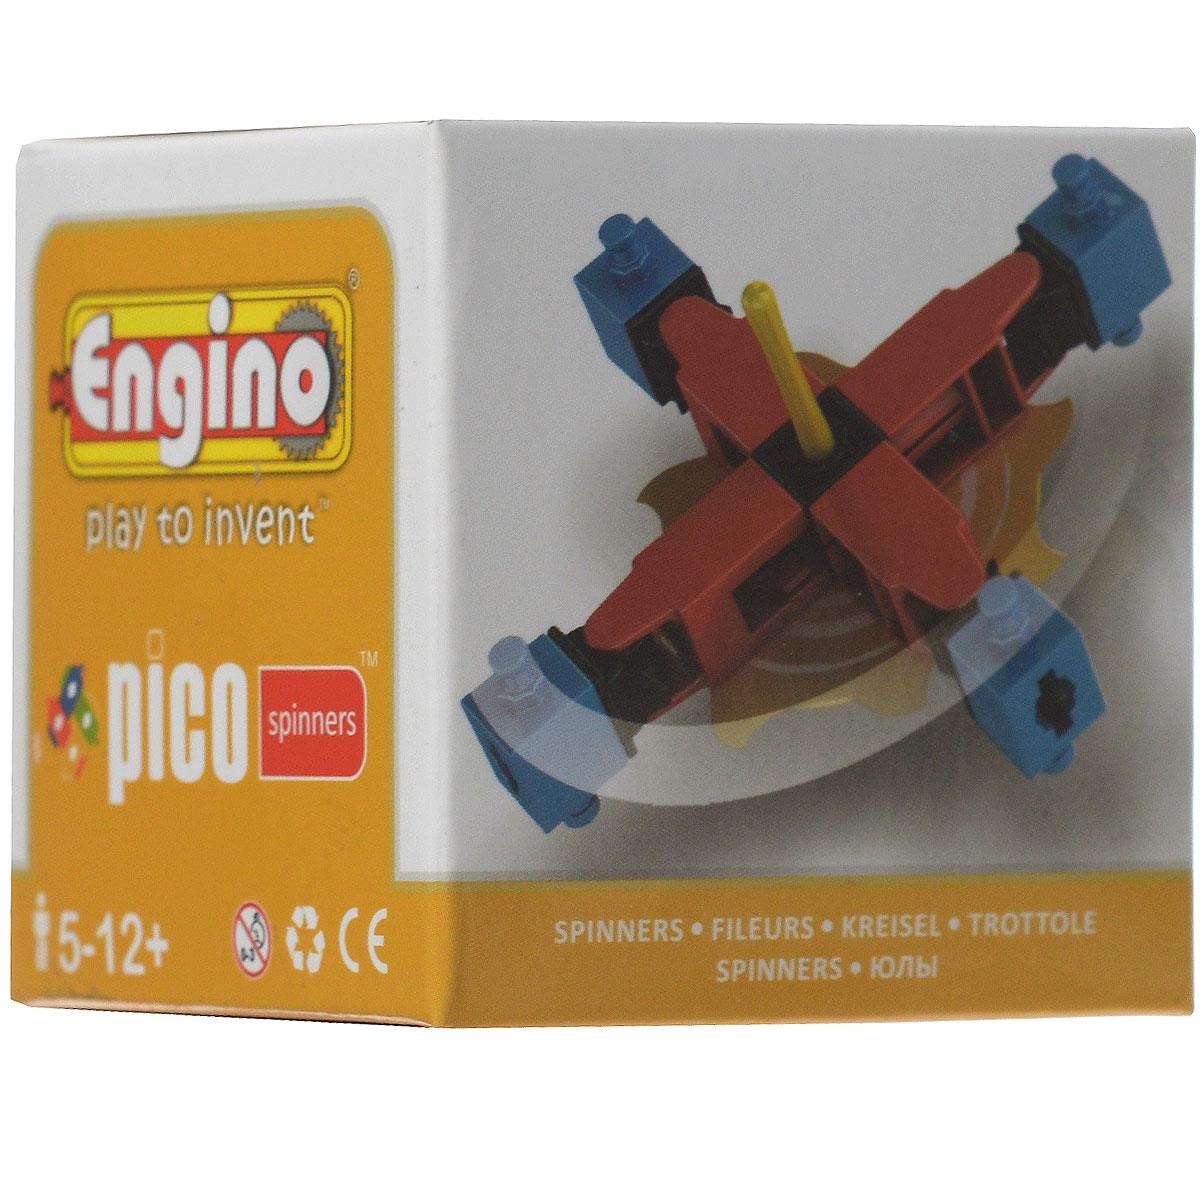 Engino Конструктор Spinners PS02PS02С помощью конструктора Engino Spinners ваш ребенок сможет собрать из 14 пластиковых элементов оригинальный волчок. Компания Engino разработала серию Pico Spinners, чтобы дети могли совместить удовольствие от игры с волчком с развитием инженерных навыков. Объединив детали четырех наборов серии, можно построить более сложные модели - два вида самолетов или вертолет.